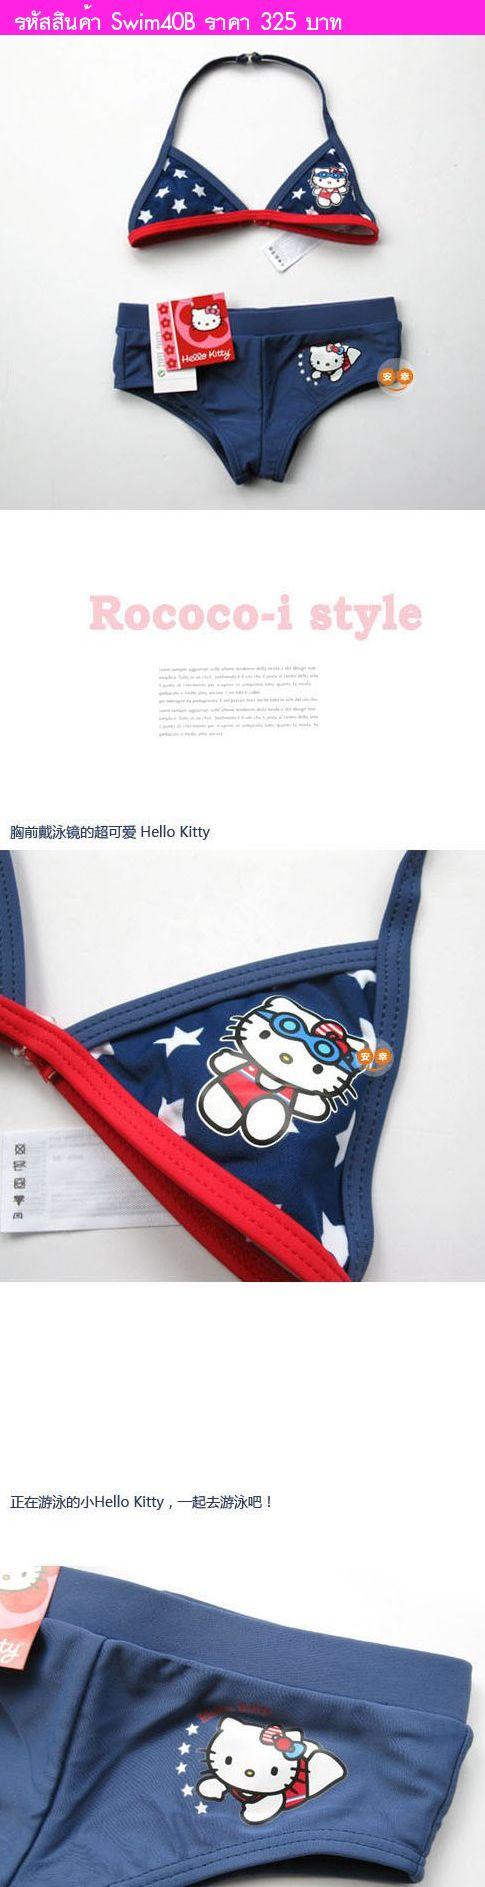 ชุดว่ายน้ำ ทูพีช Hello Kitty สุดเซ็กซี่